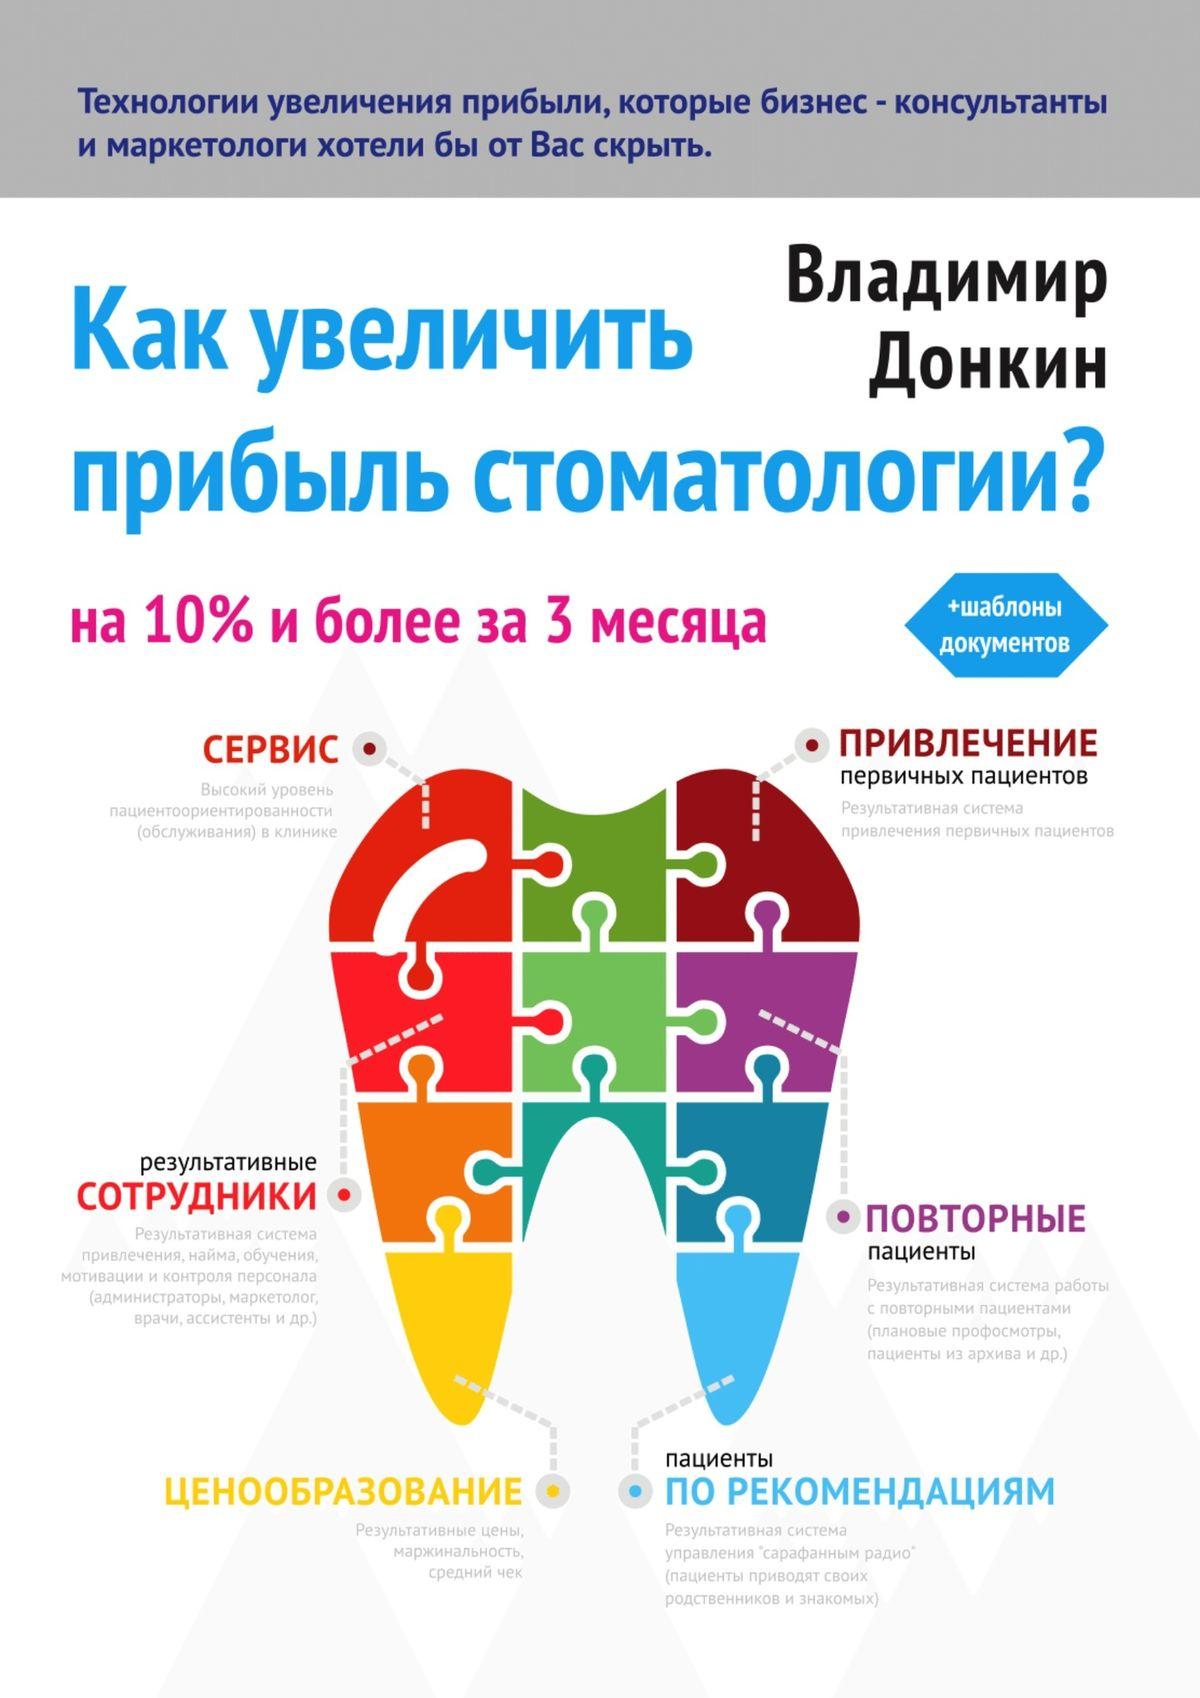 Владимир Донкин Как увеличить прибыль стоматологии? николай мрочковский 99 инструментов продаж эффективные методы получения прибыли